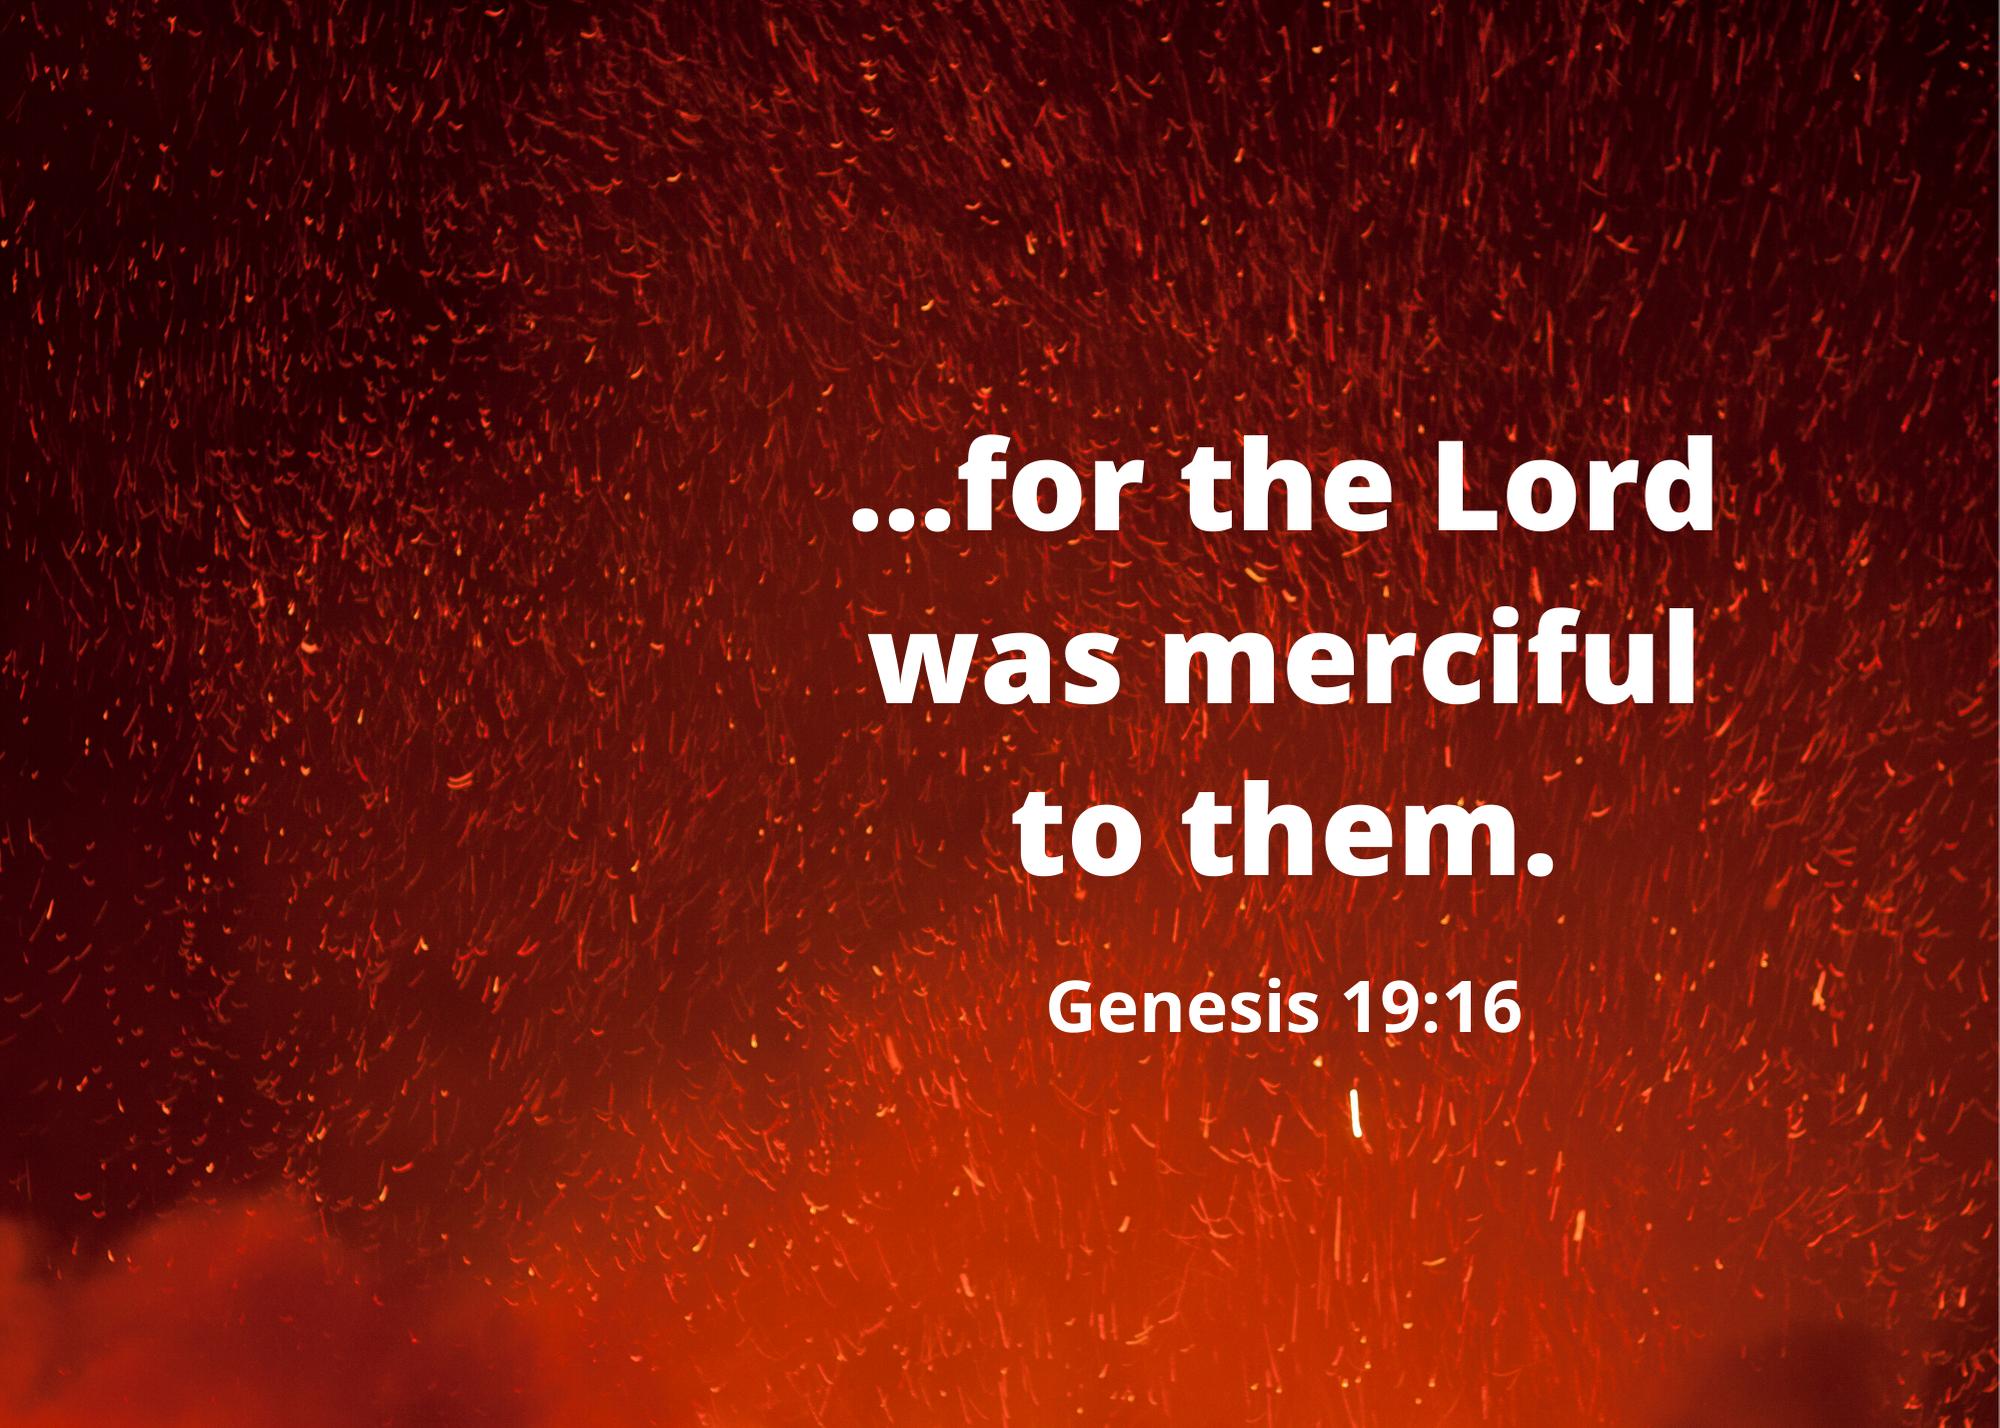 Genesis 19 16